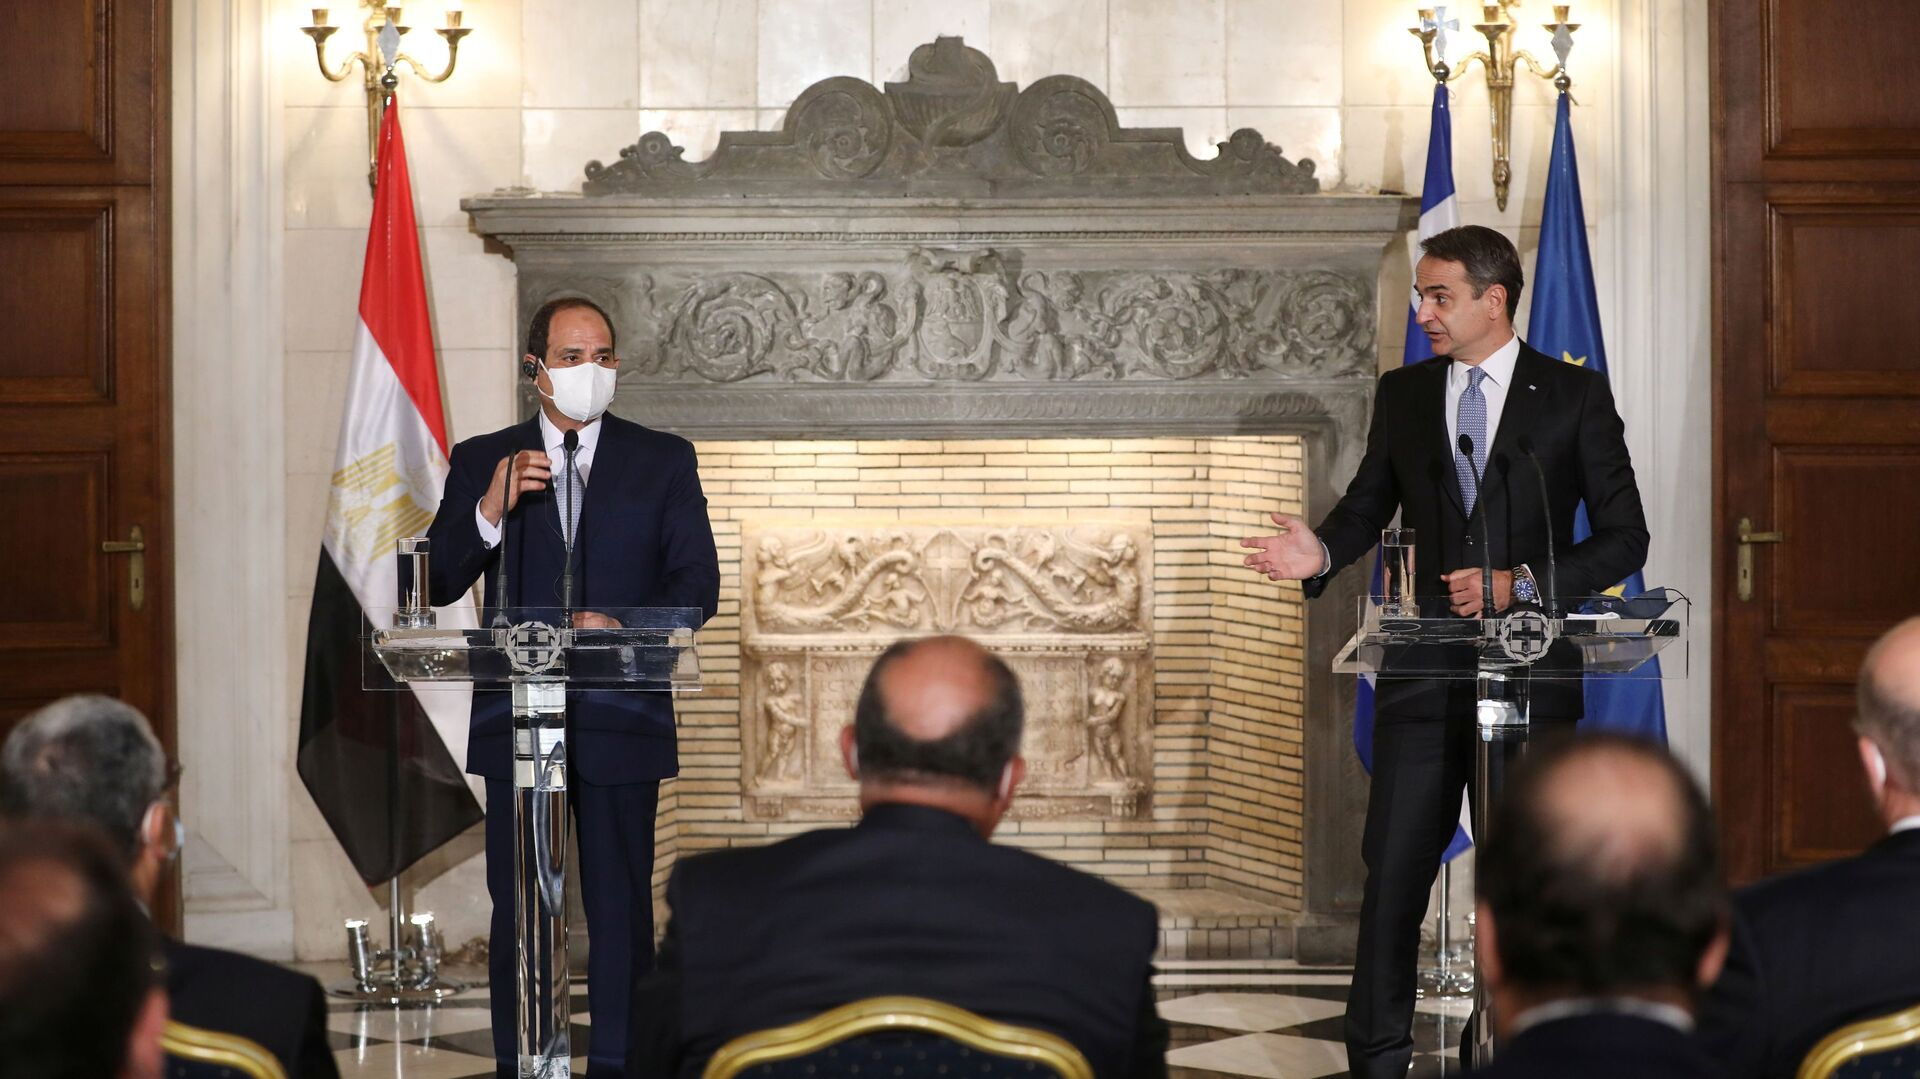 Mısır lideri Sisi ve Yunanistan Başbakanı Miçotakis - Sputnik Türkiye, 1920, 01.04.2021